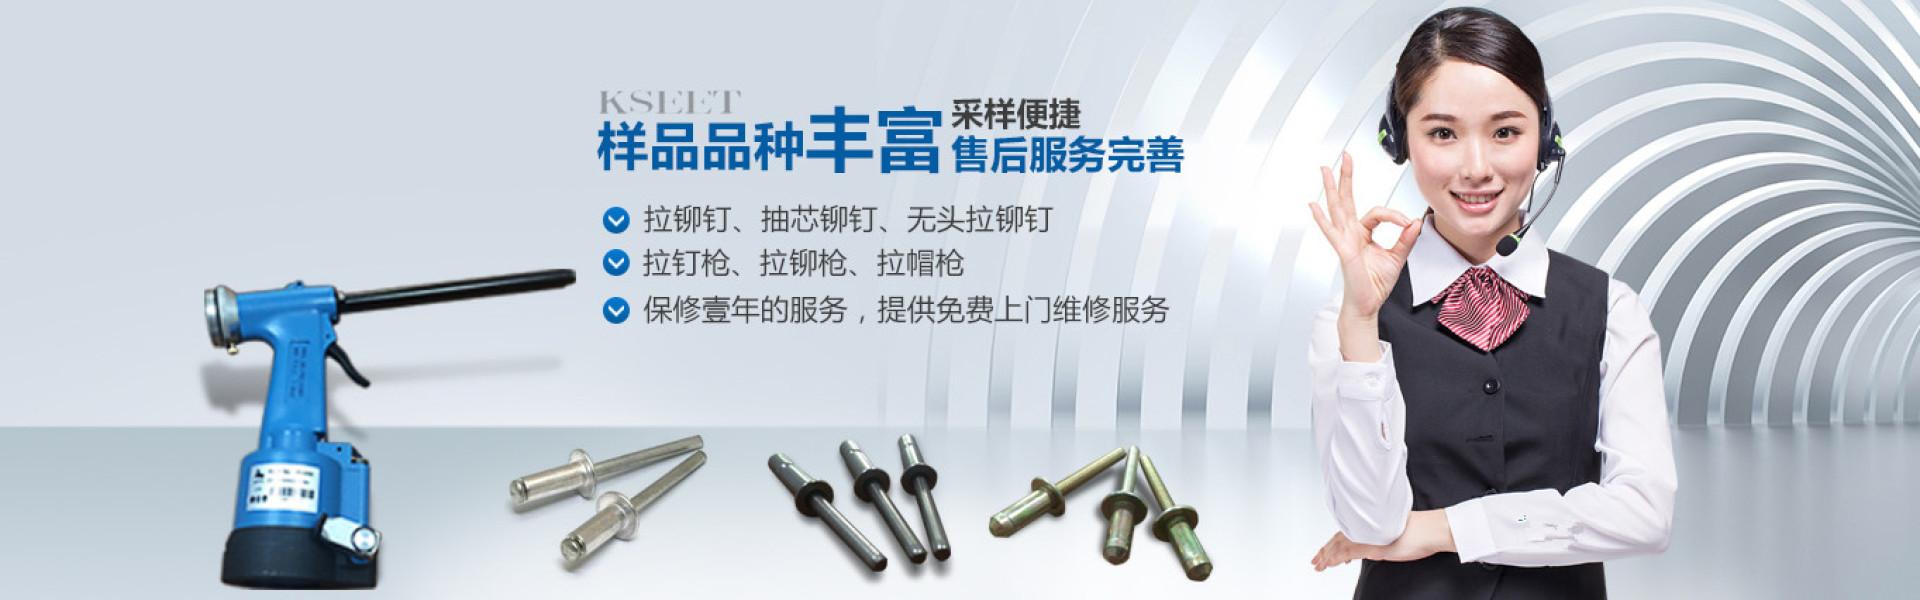 抽芯铆钉,铁抽芯铆钉,不锈钢抽芯铆钉,封闭型抽芯铆钉,铜抽芯铆钉,口杯型抽芯铆钉厂家,不锈钢抽芯铆钉工厂,抽芯铆钉生产厂家,东莞市凯升特五金科技有限公司